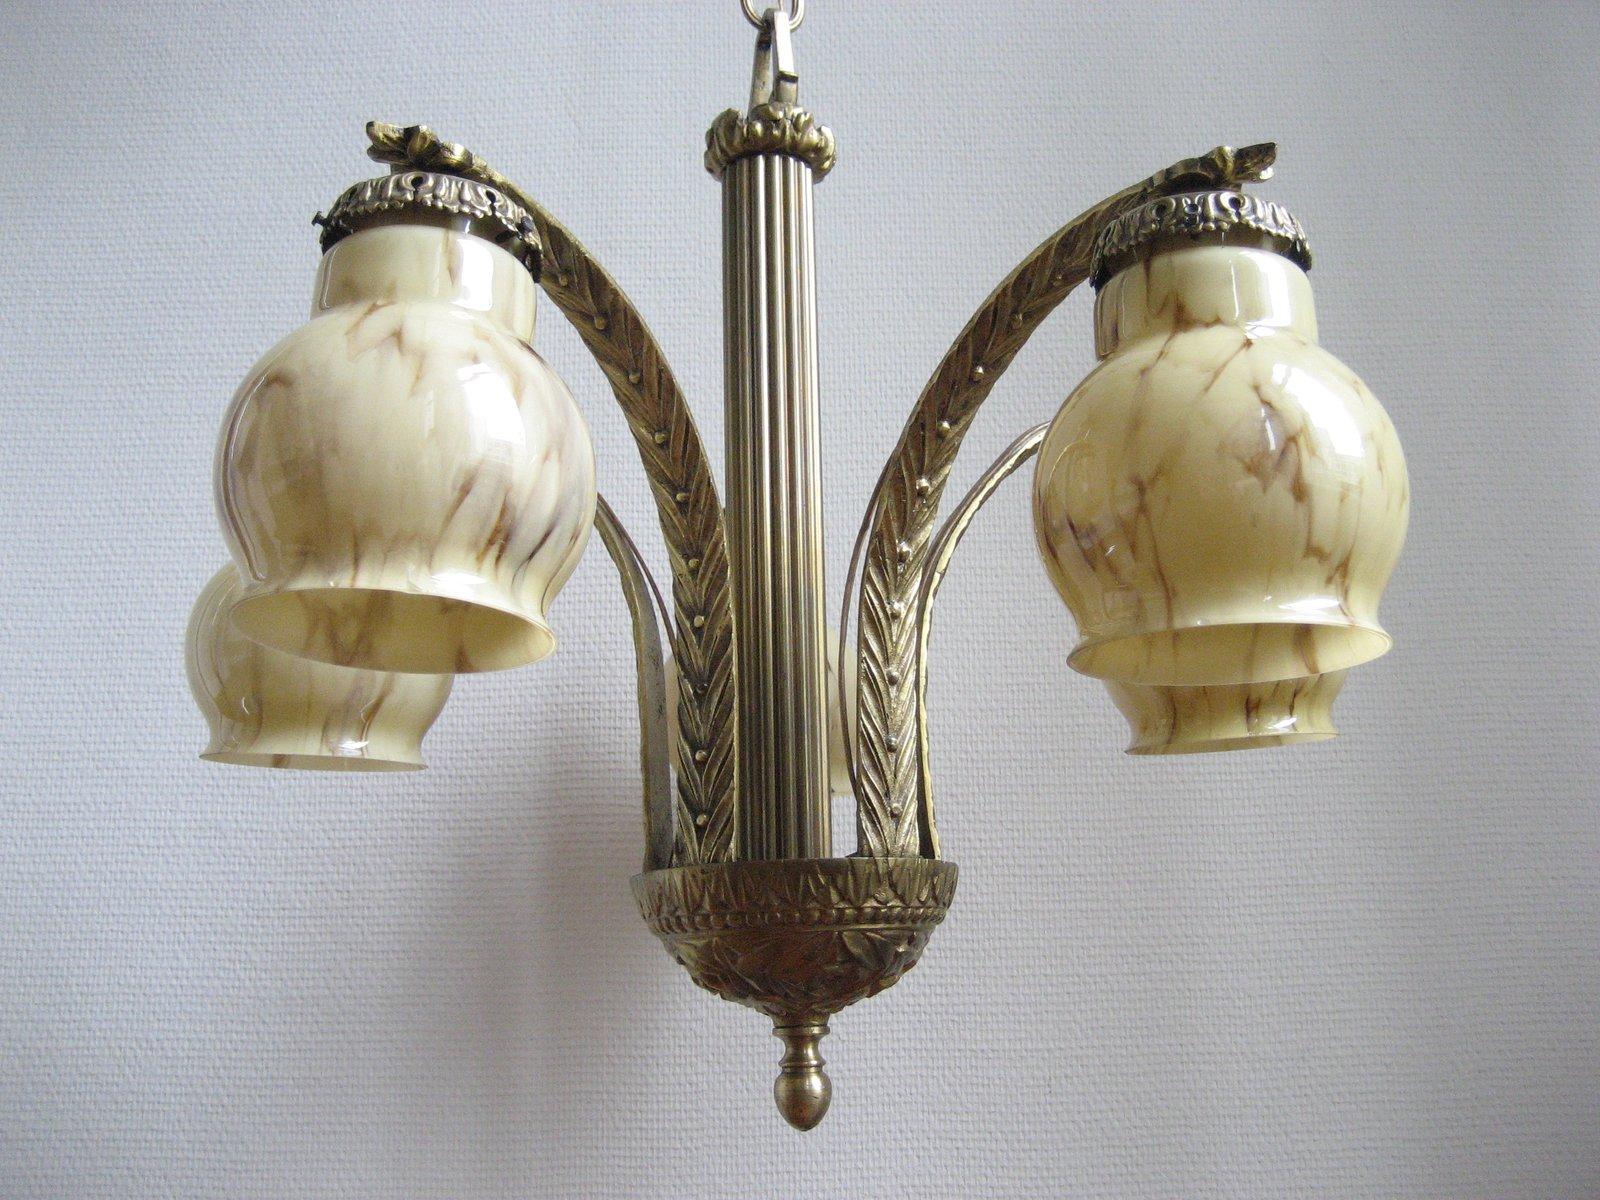 Franz sische art deco lampe mit f nf marmorlampenschirmen for Art deco lampe